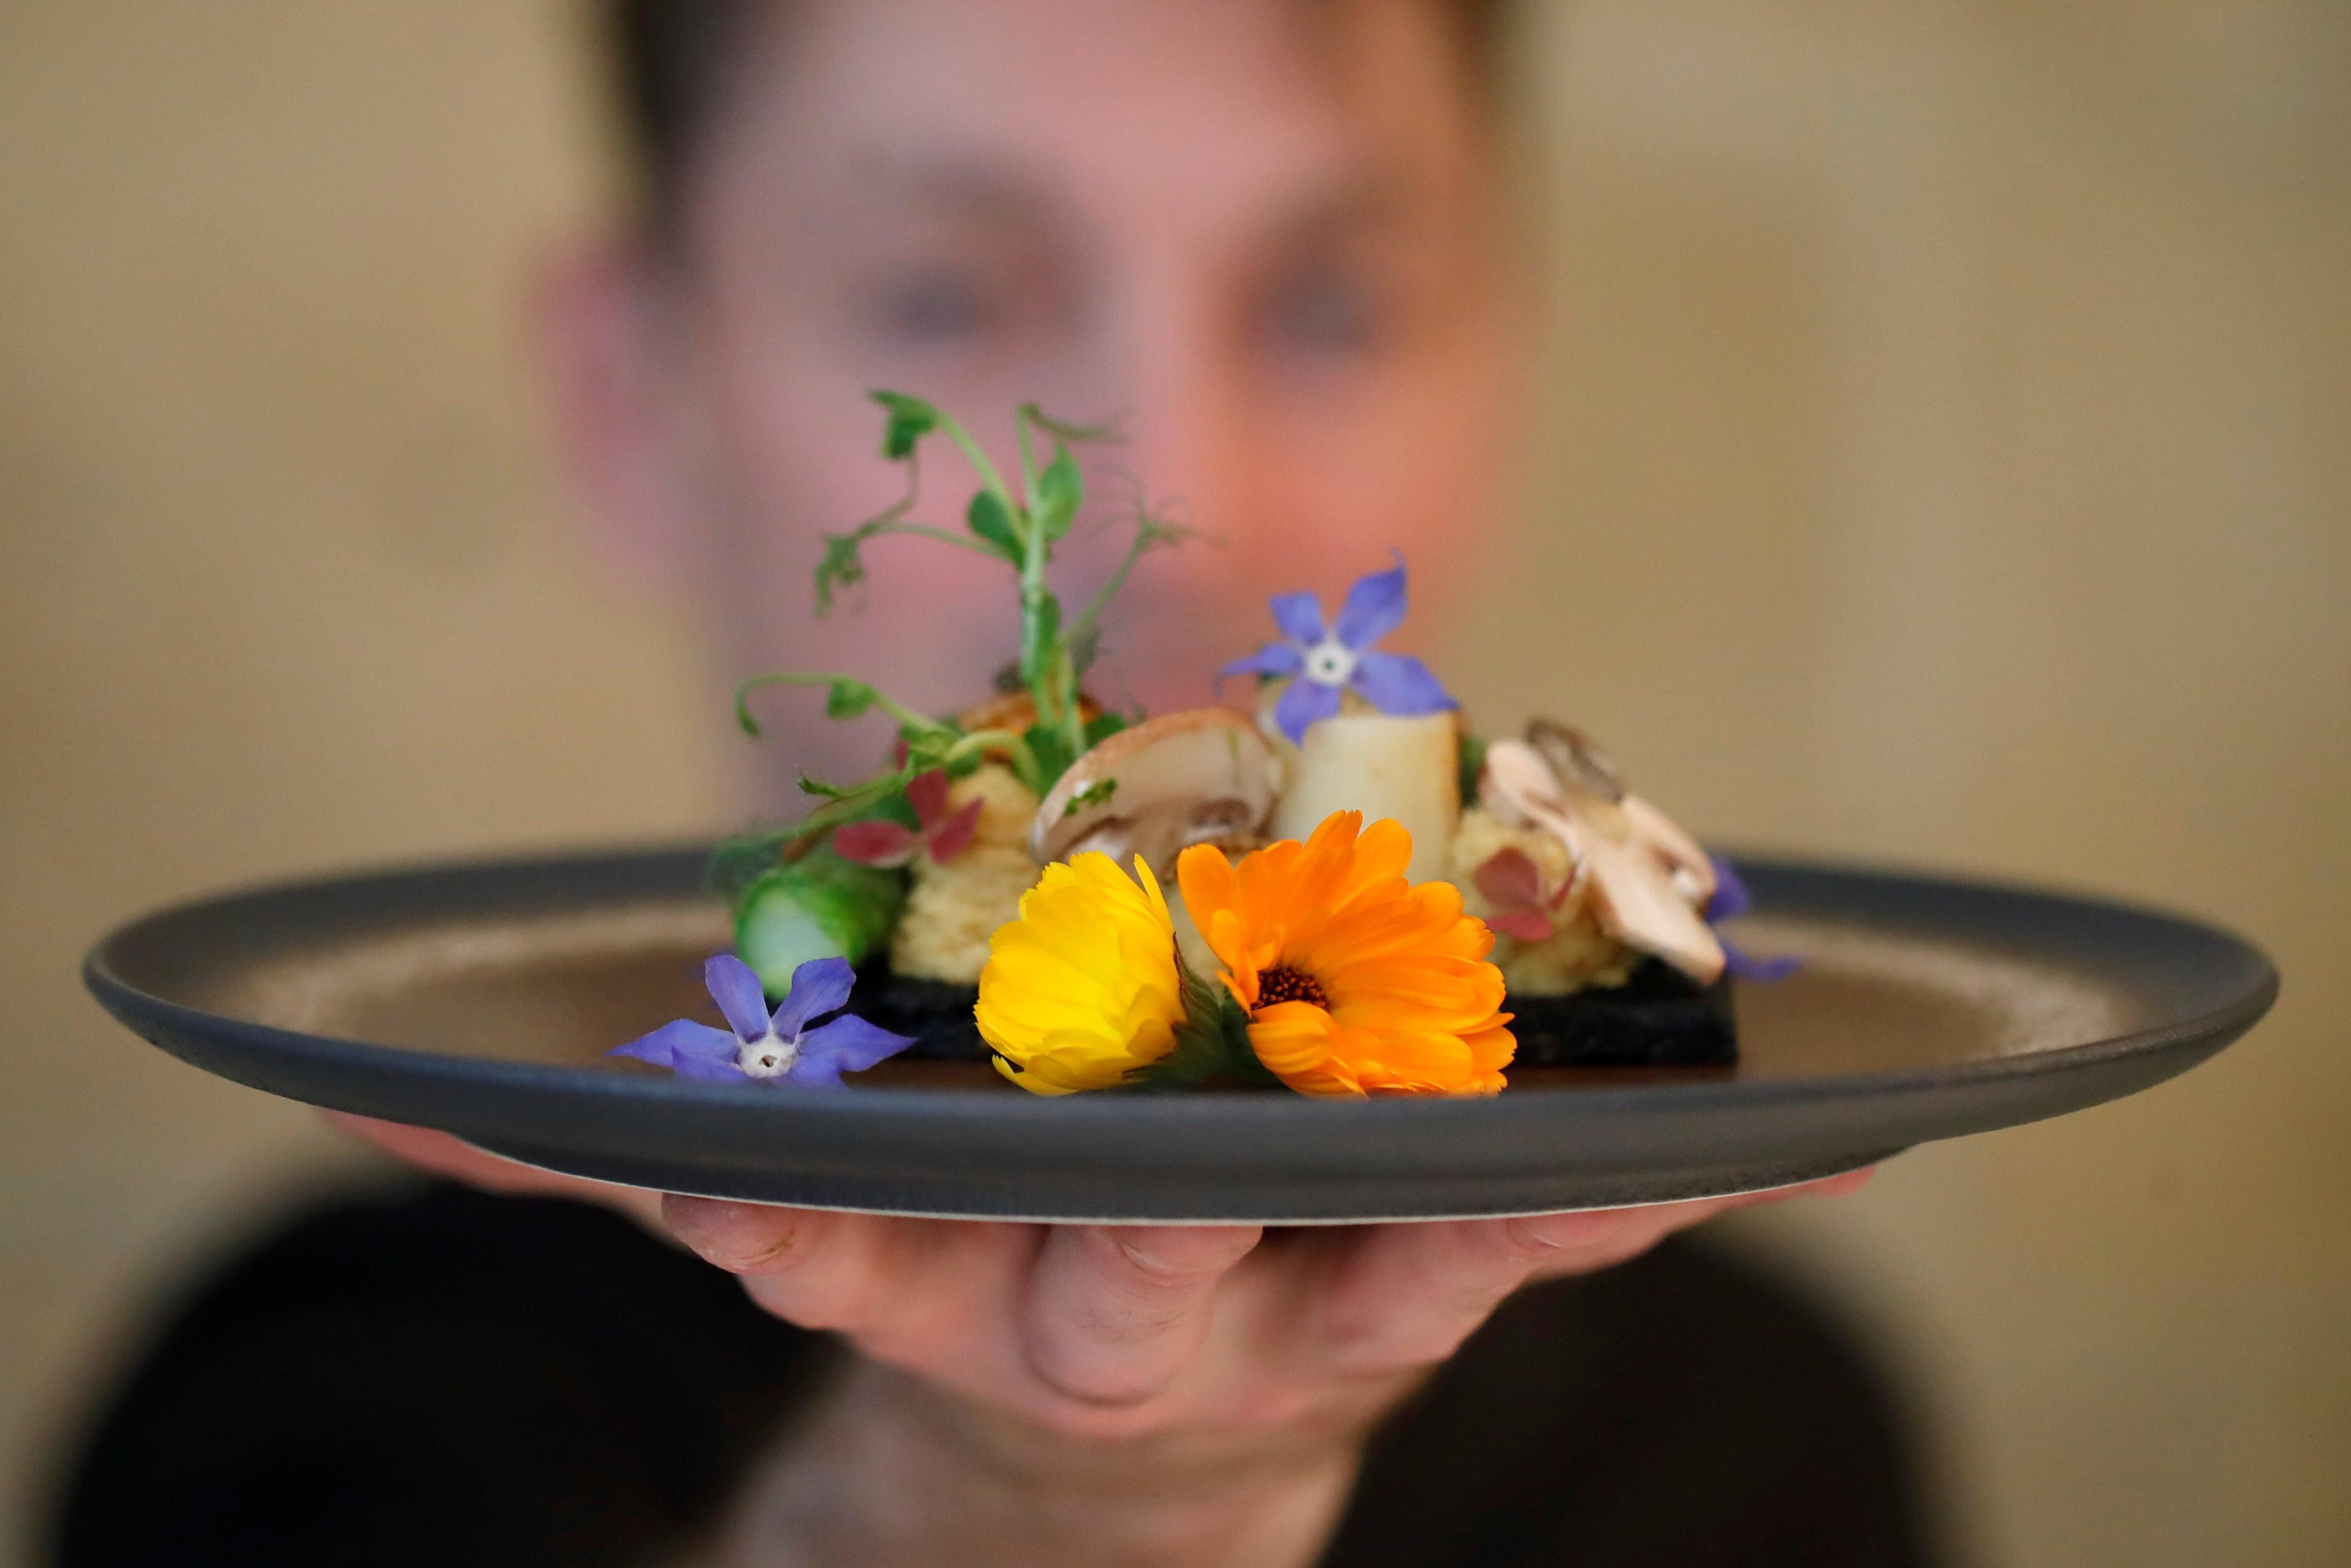 Koki Prancis Laurent Fett menampilkan piring saat dia berdiri di restorannya, Inoveat, menyajikan makanan berbasis serangga di Paris, Prancis (REUTERS)